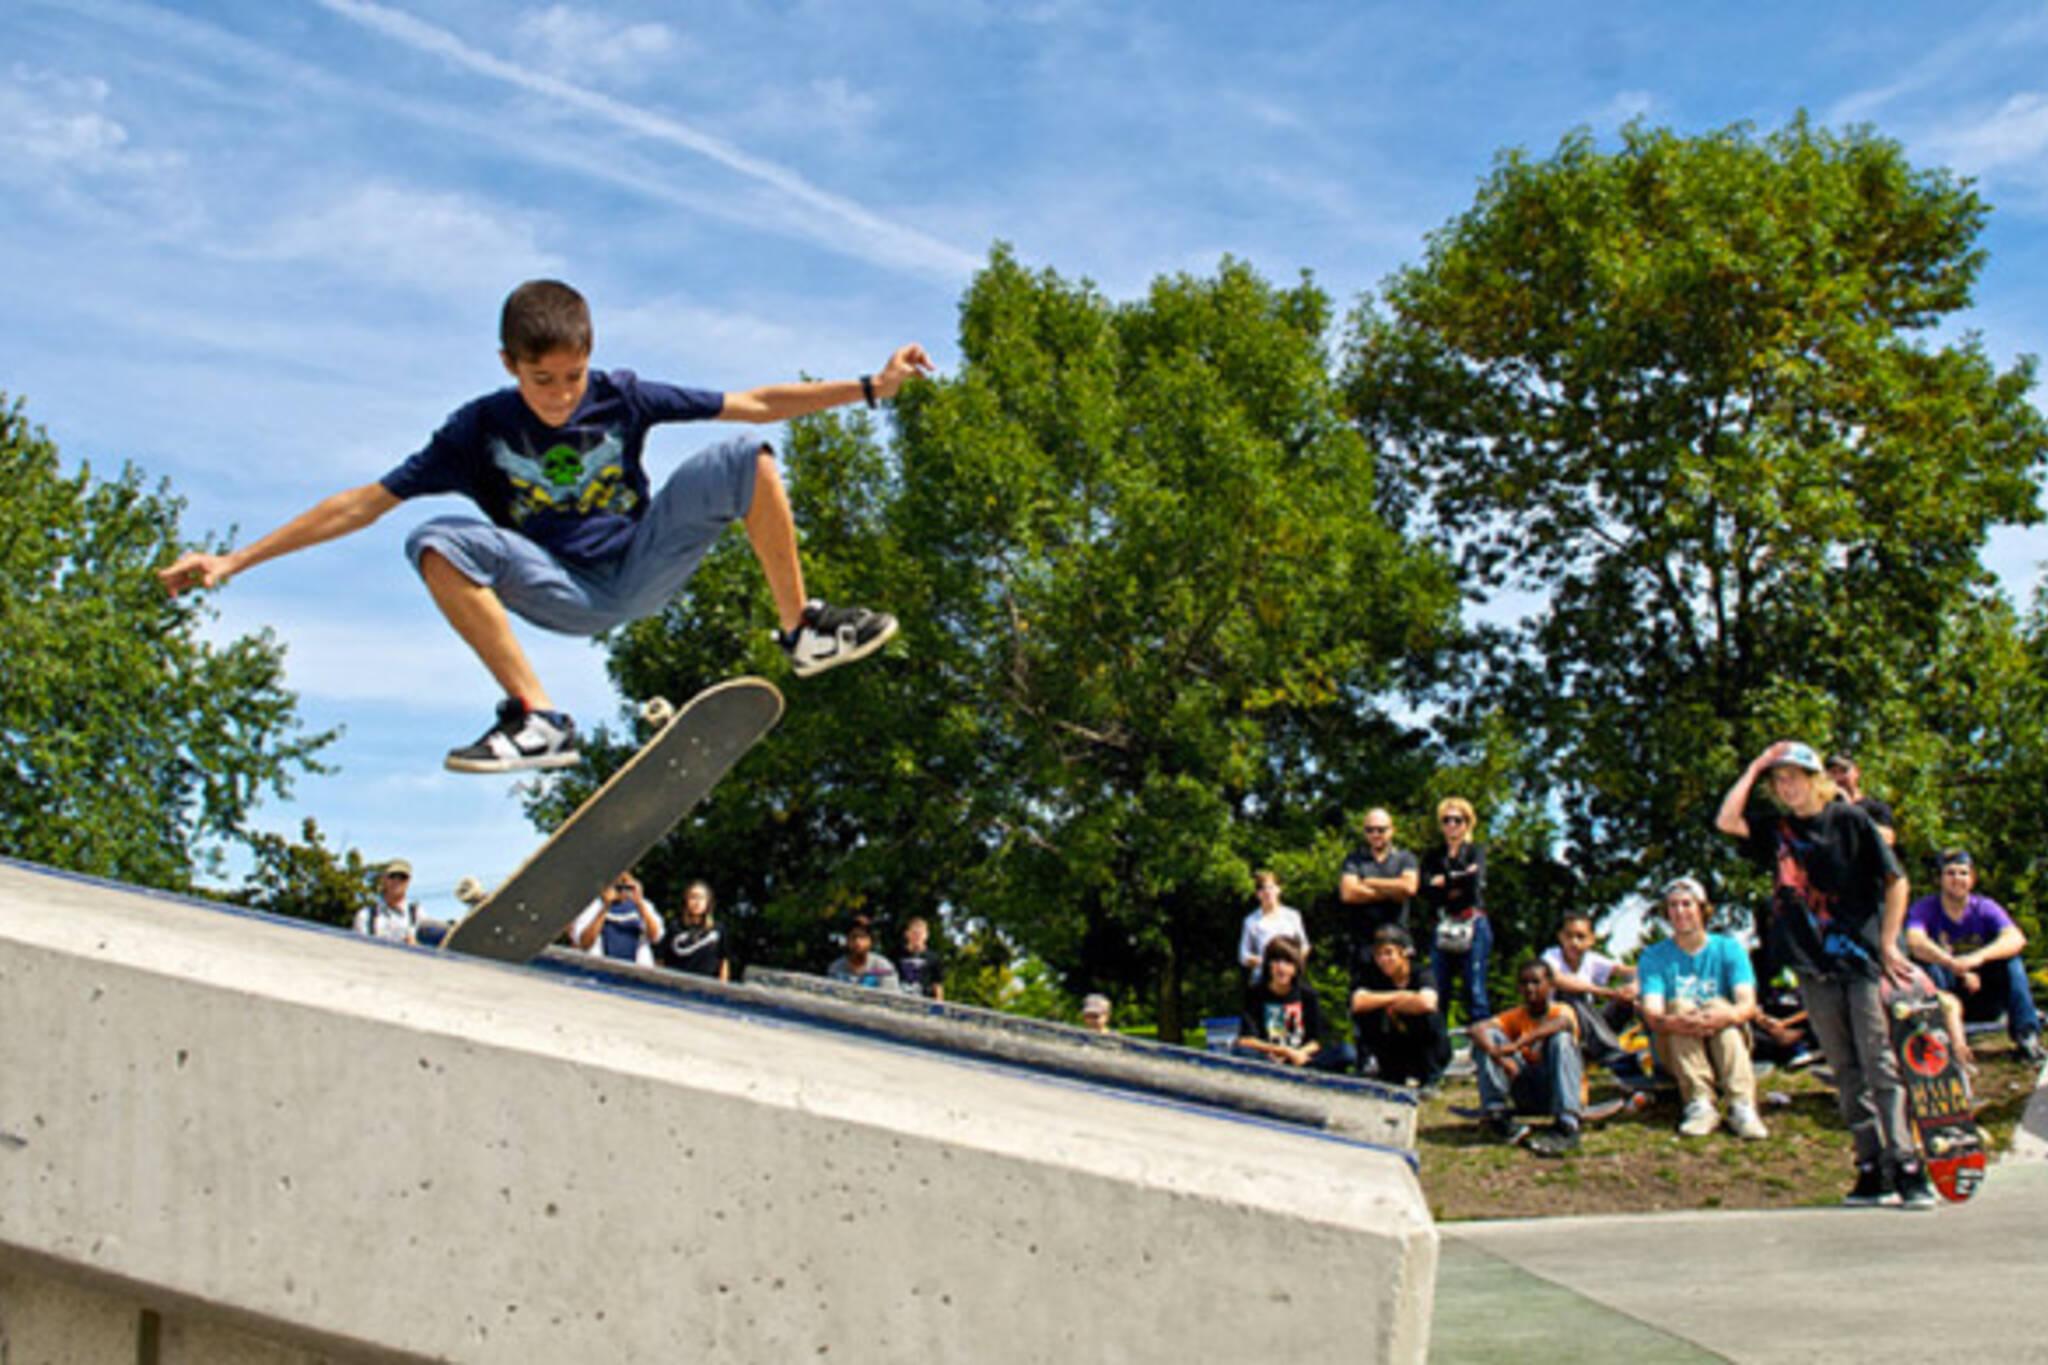 Skate park toronto